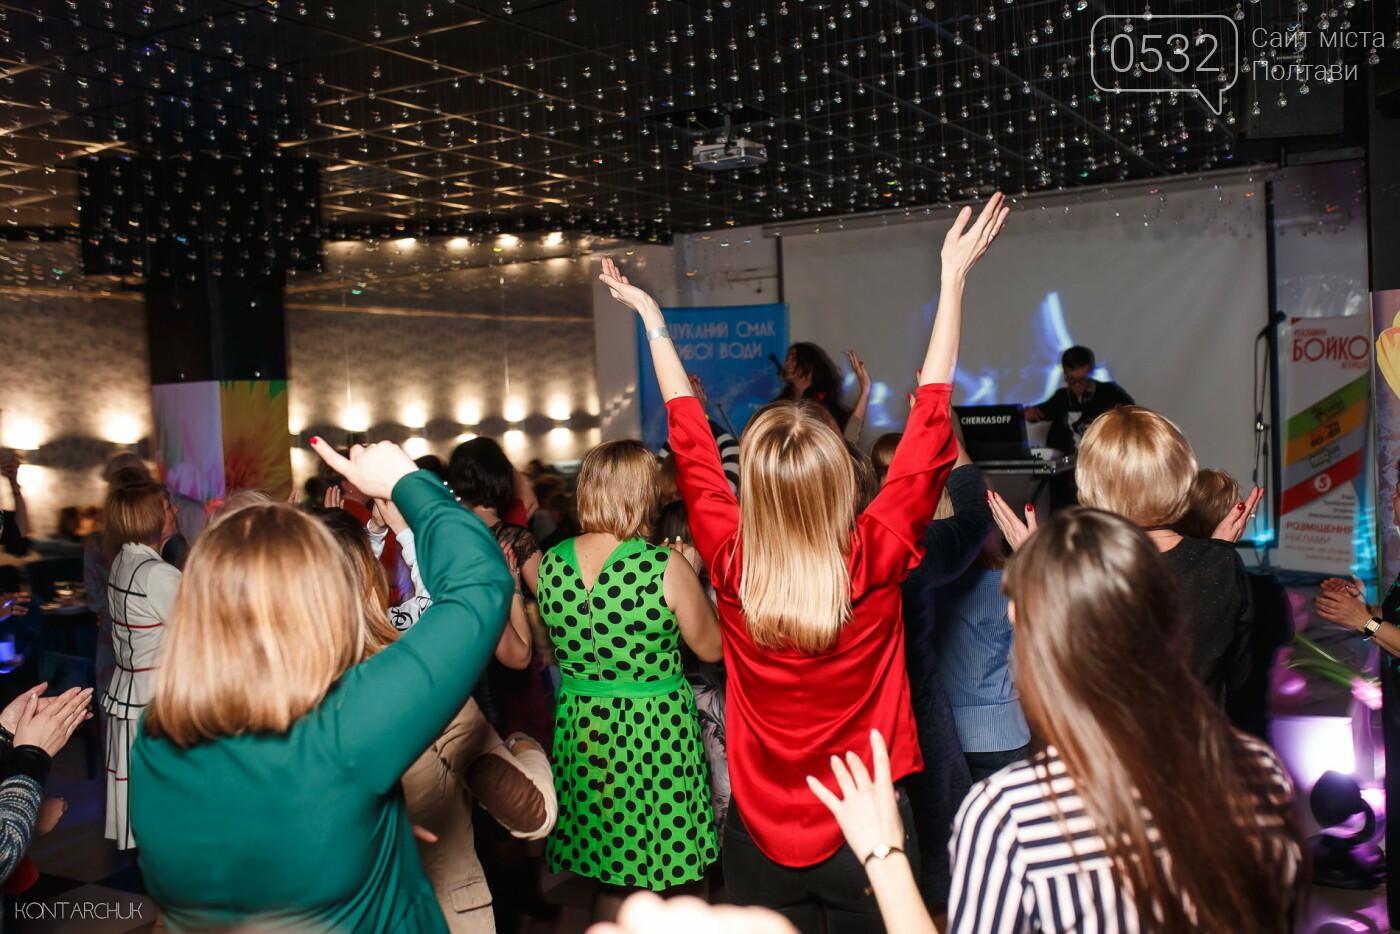 Дискотека 80-х запрошує полтавців на пекельну геловінську вечірку (ФОТО, ВІДЕО), фото-15